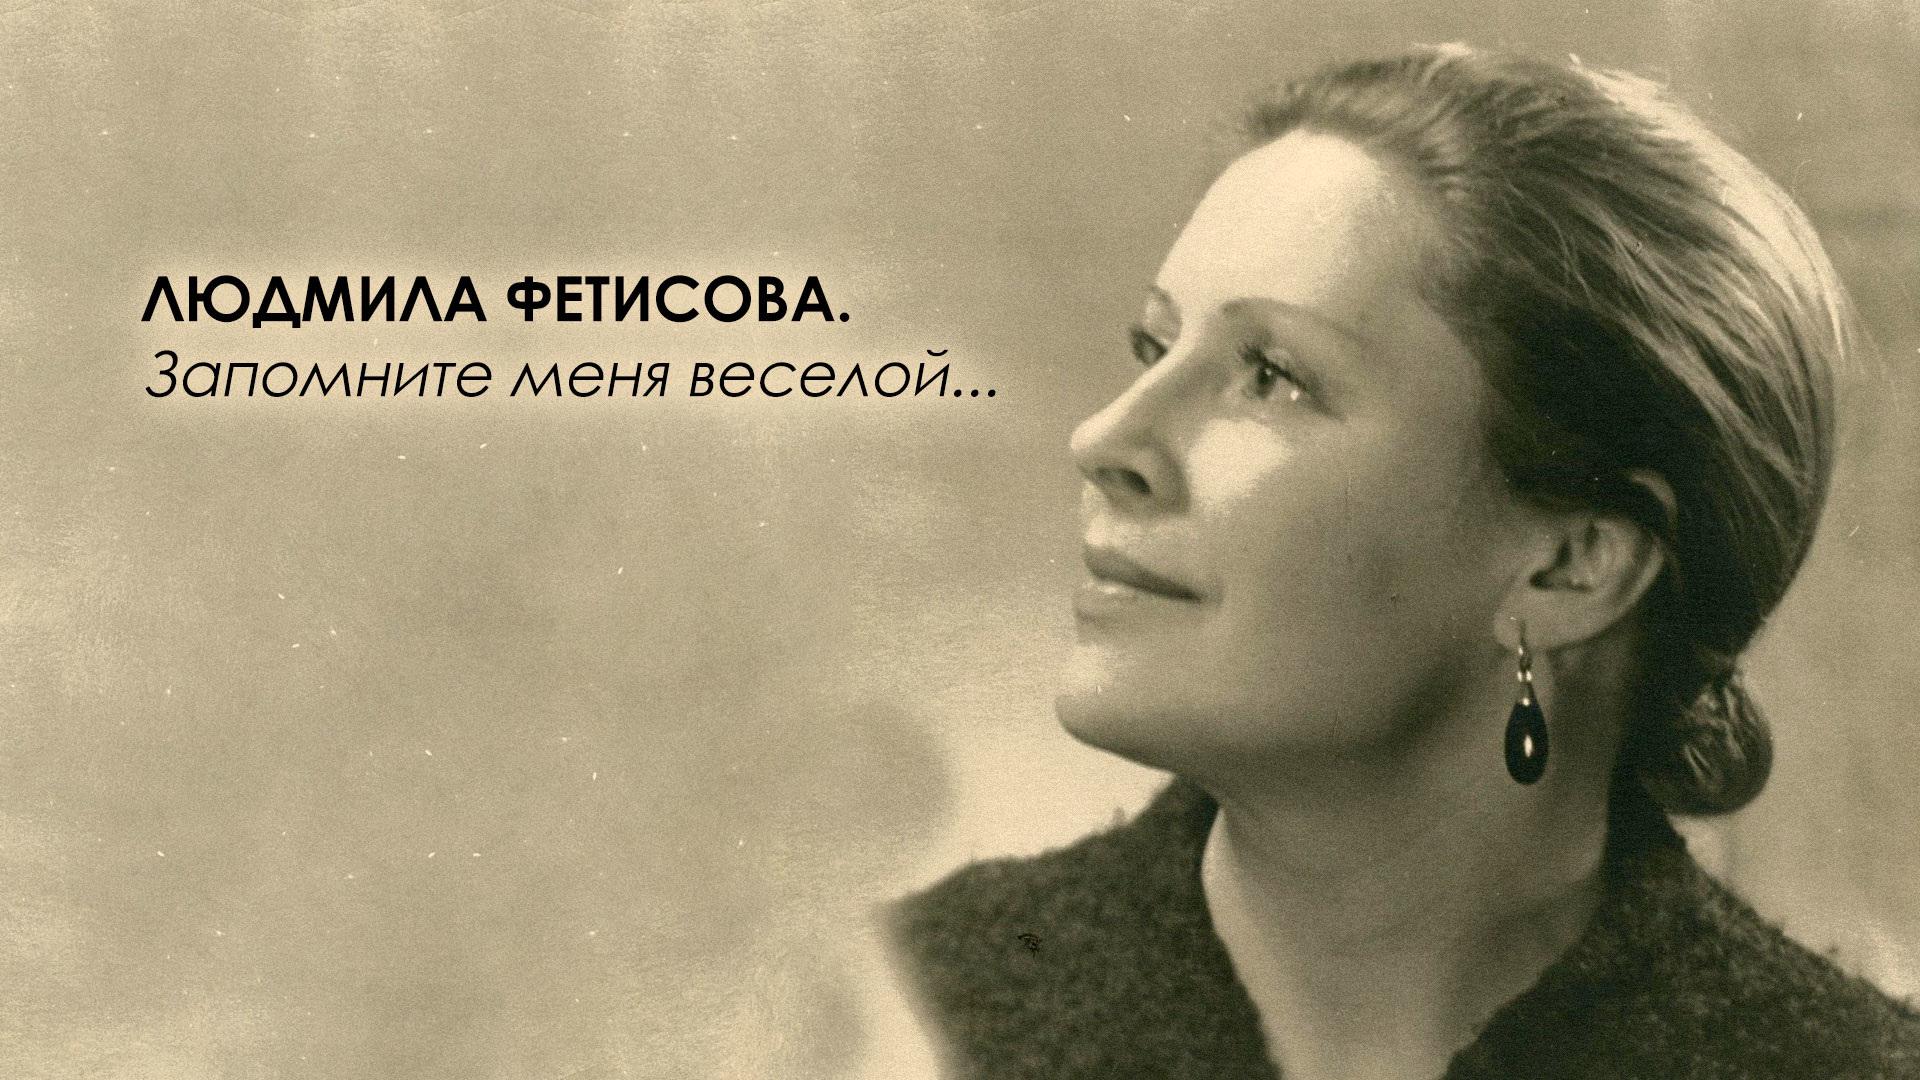 Людмила Фетисова. Запомните меня веселой...